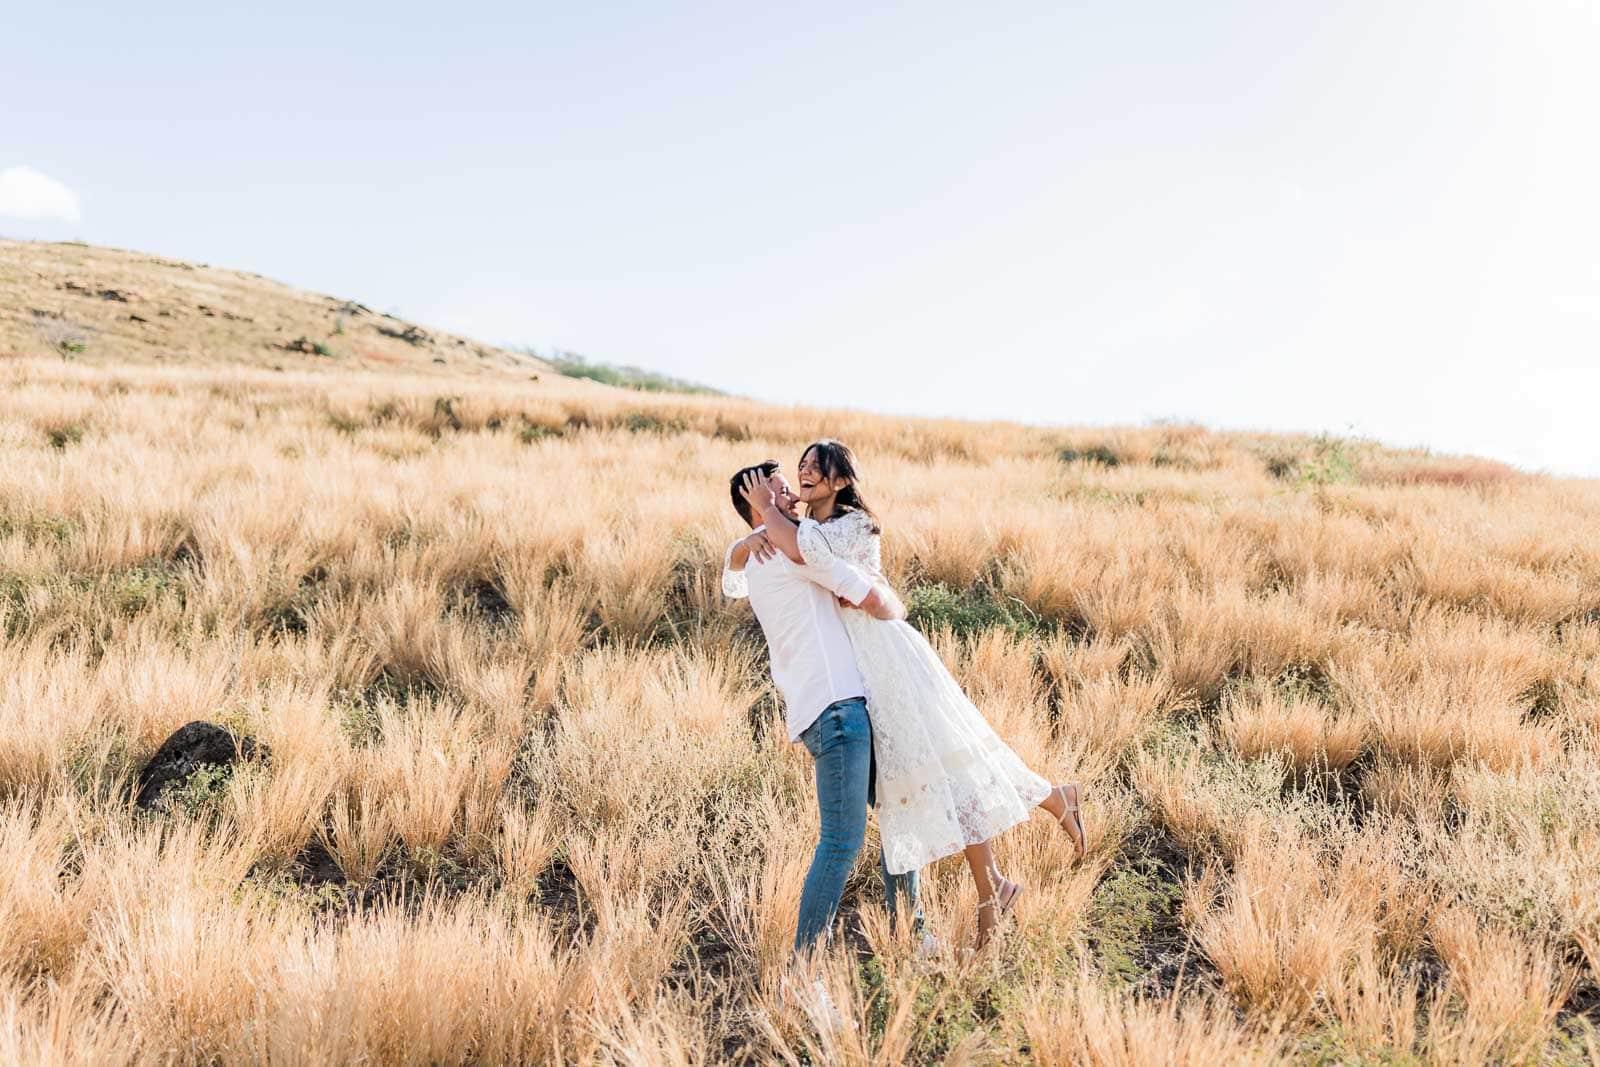 Photographie de Mathieu Dété, photographe de mariage et famille à Saint-Gilles de la Réunion 974, présentant un couple enlacé dans la savane du Cap La Houssaye, près de Saint-Paul